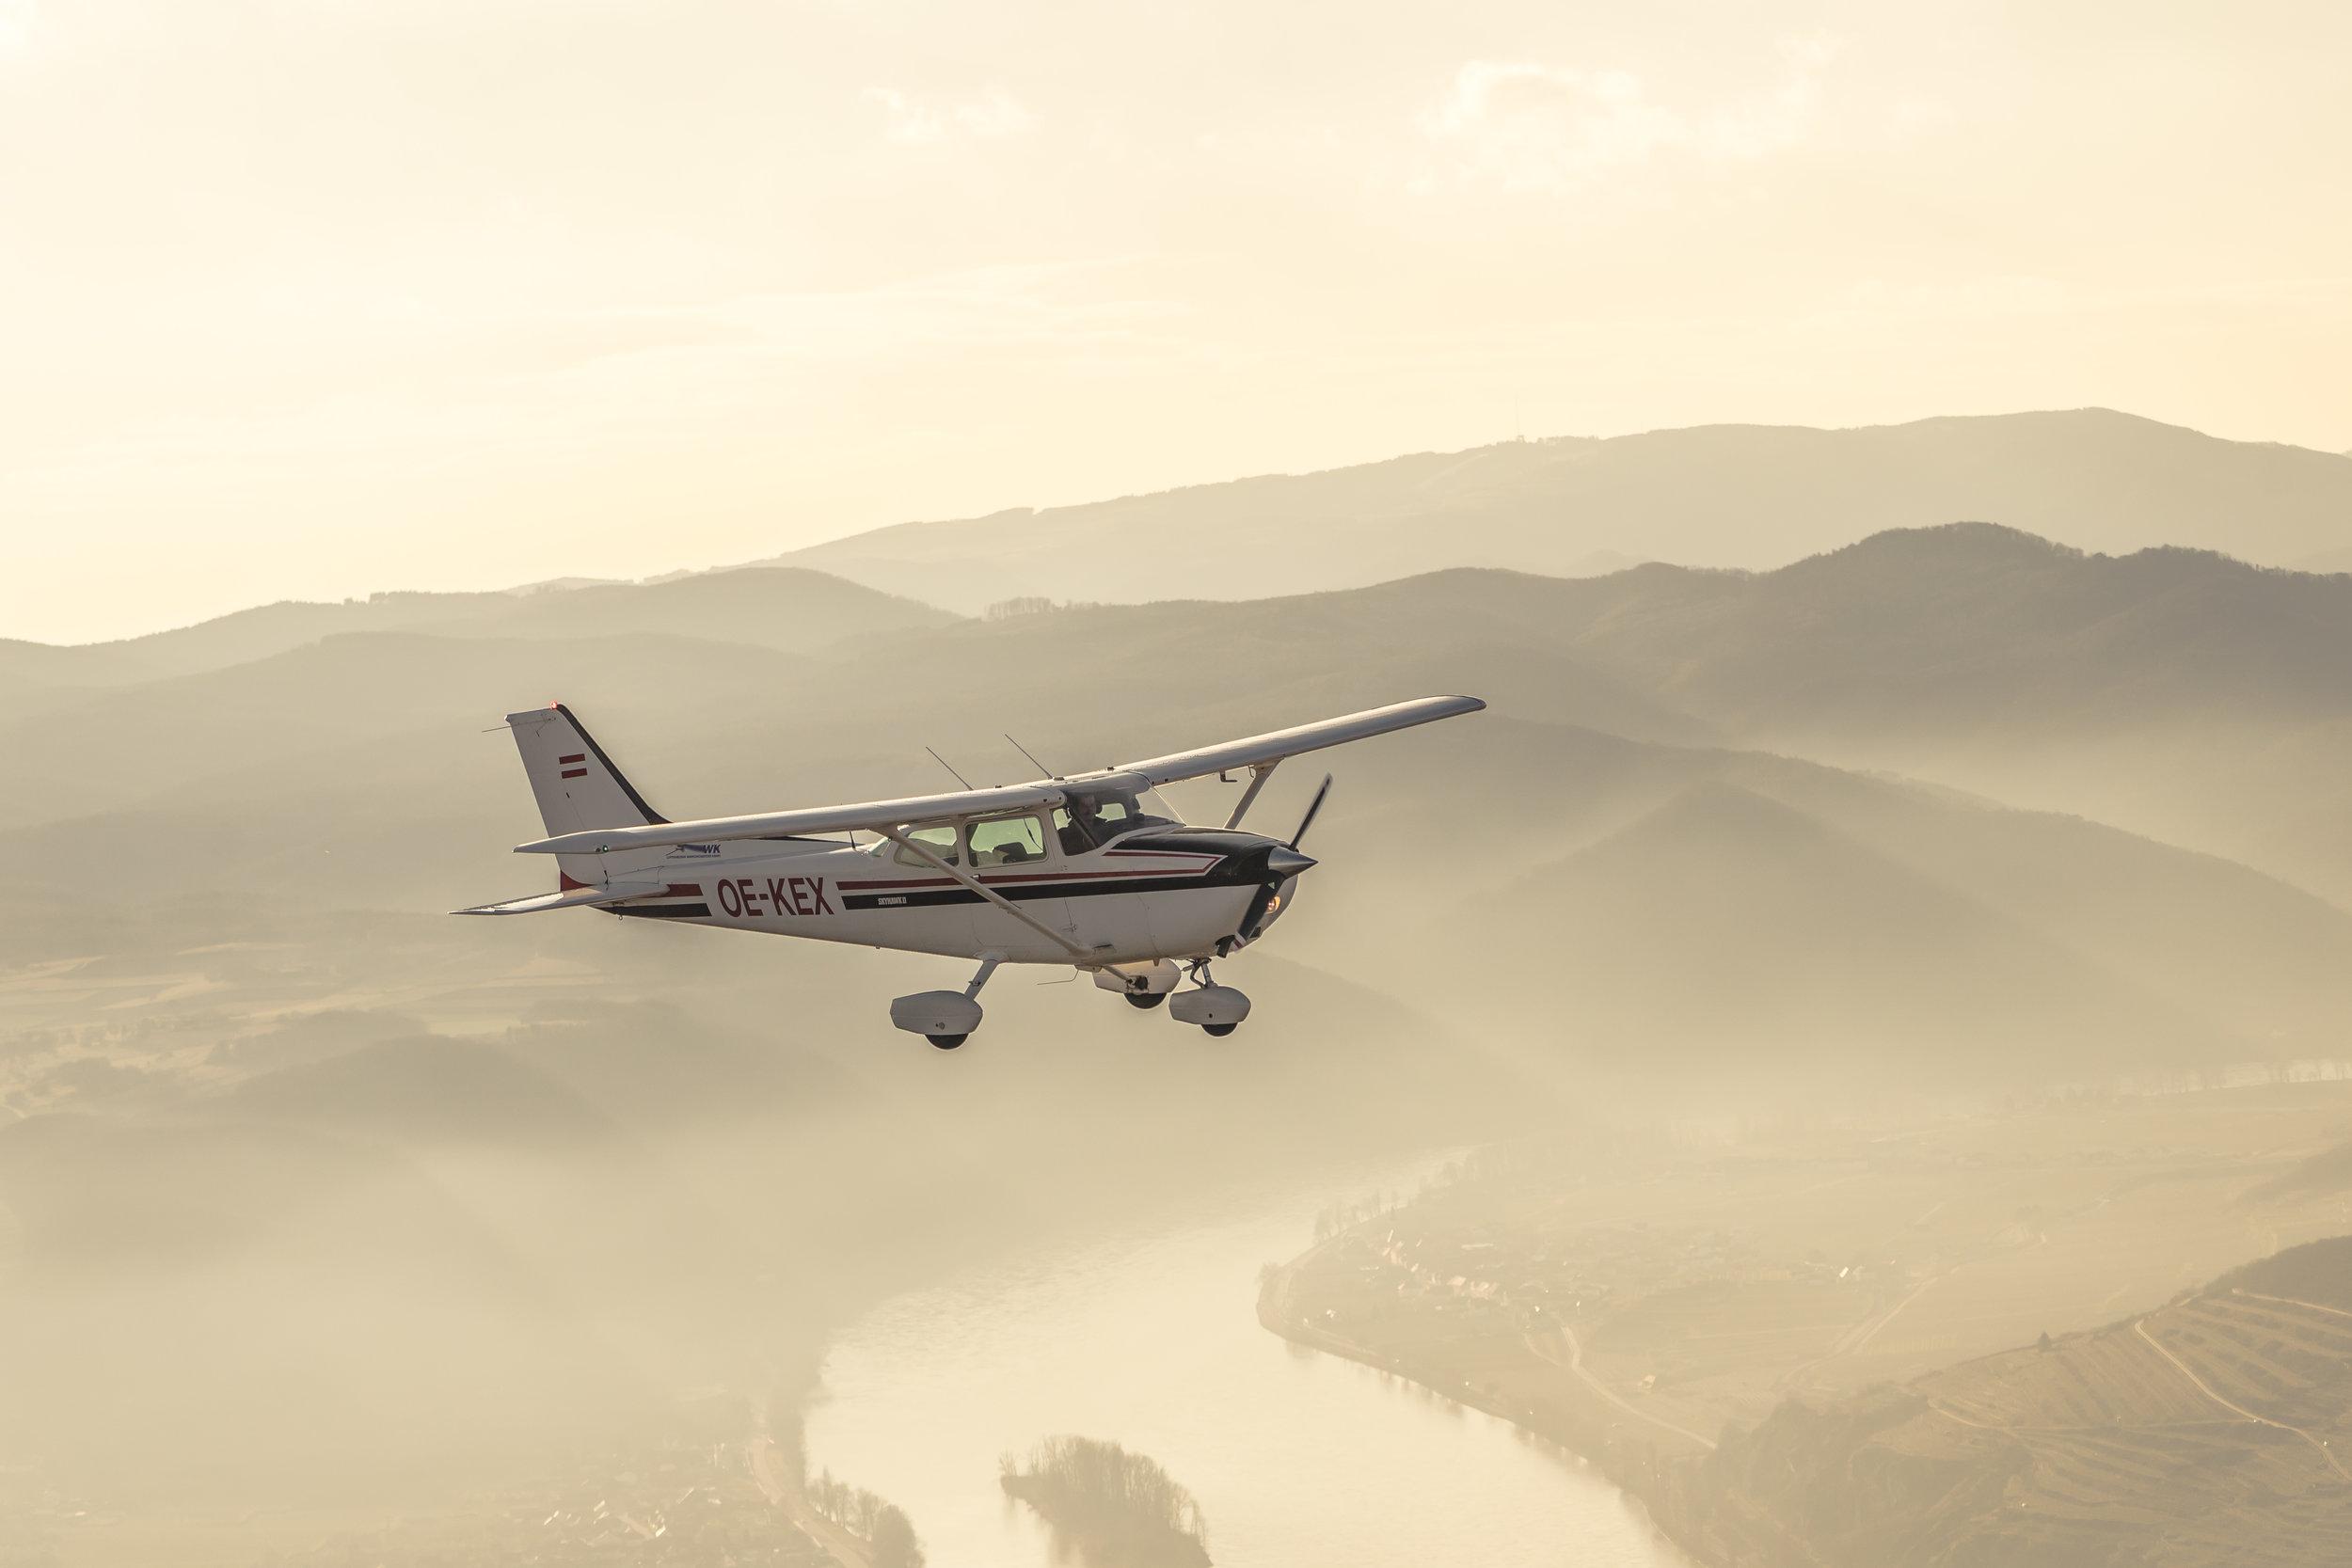 Cessna 172 P OE-KEX - Viersitziges ReiseflugzeugSpannweite: 9,20 mAntrieb: Lycoming O-320 D2JStartgewicht: 1089 KgReisespeed: 180 Km/hMotorleisung: 160 PSTankinhalt: 180l BleifreiReichweite: ca 800 Km